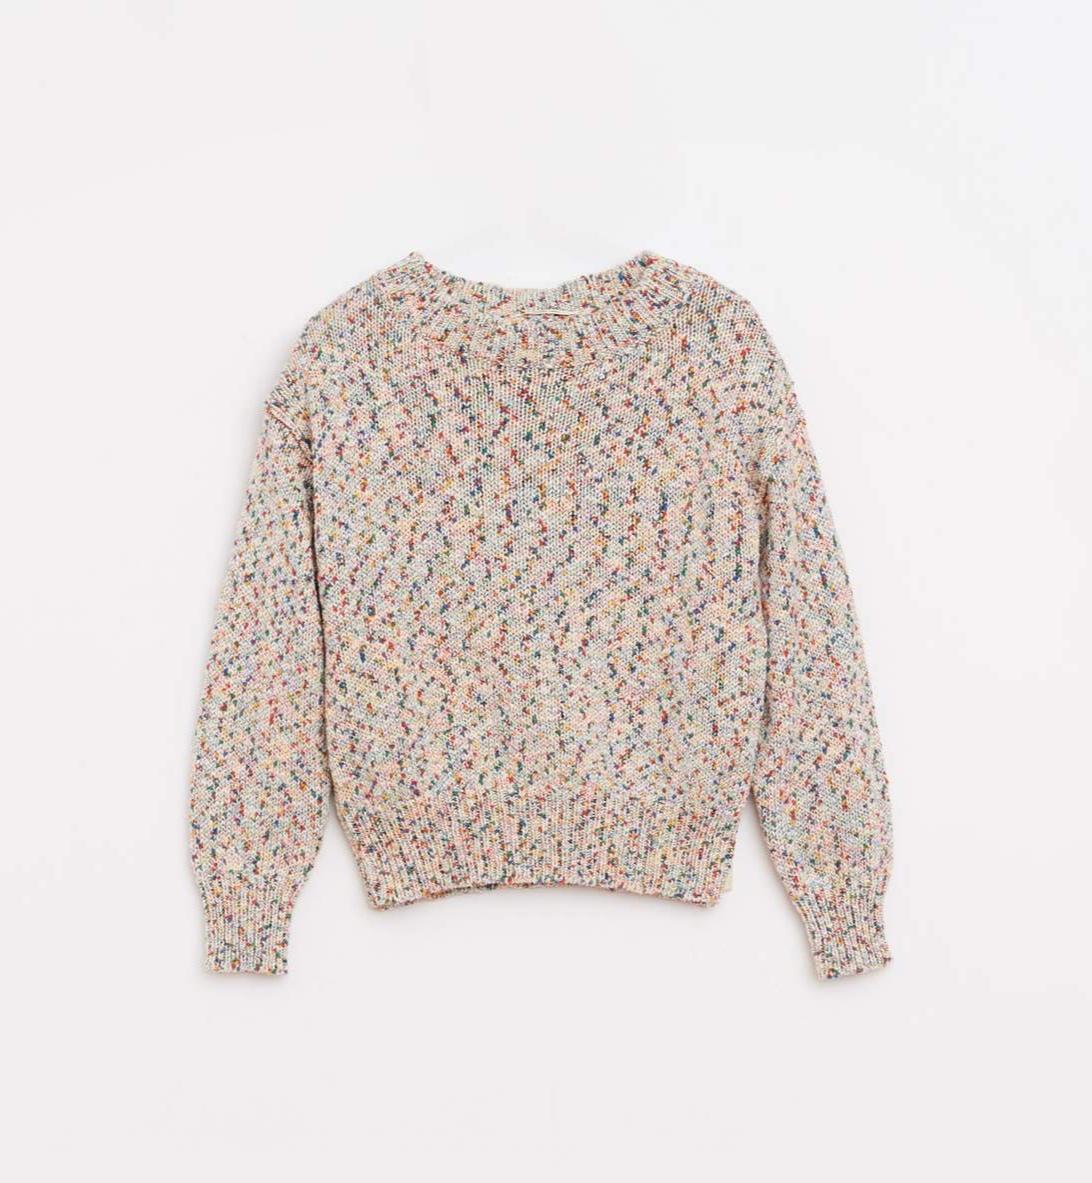 BLR-agoun-k0911f-combo-1-knit_2_1600x1600.jpg